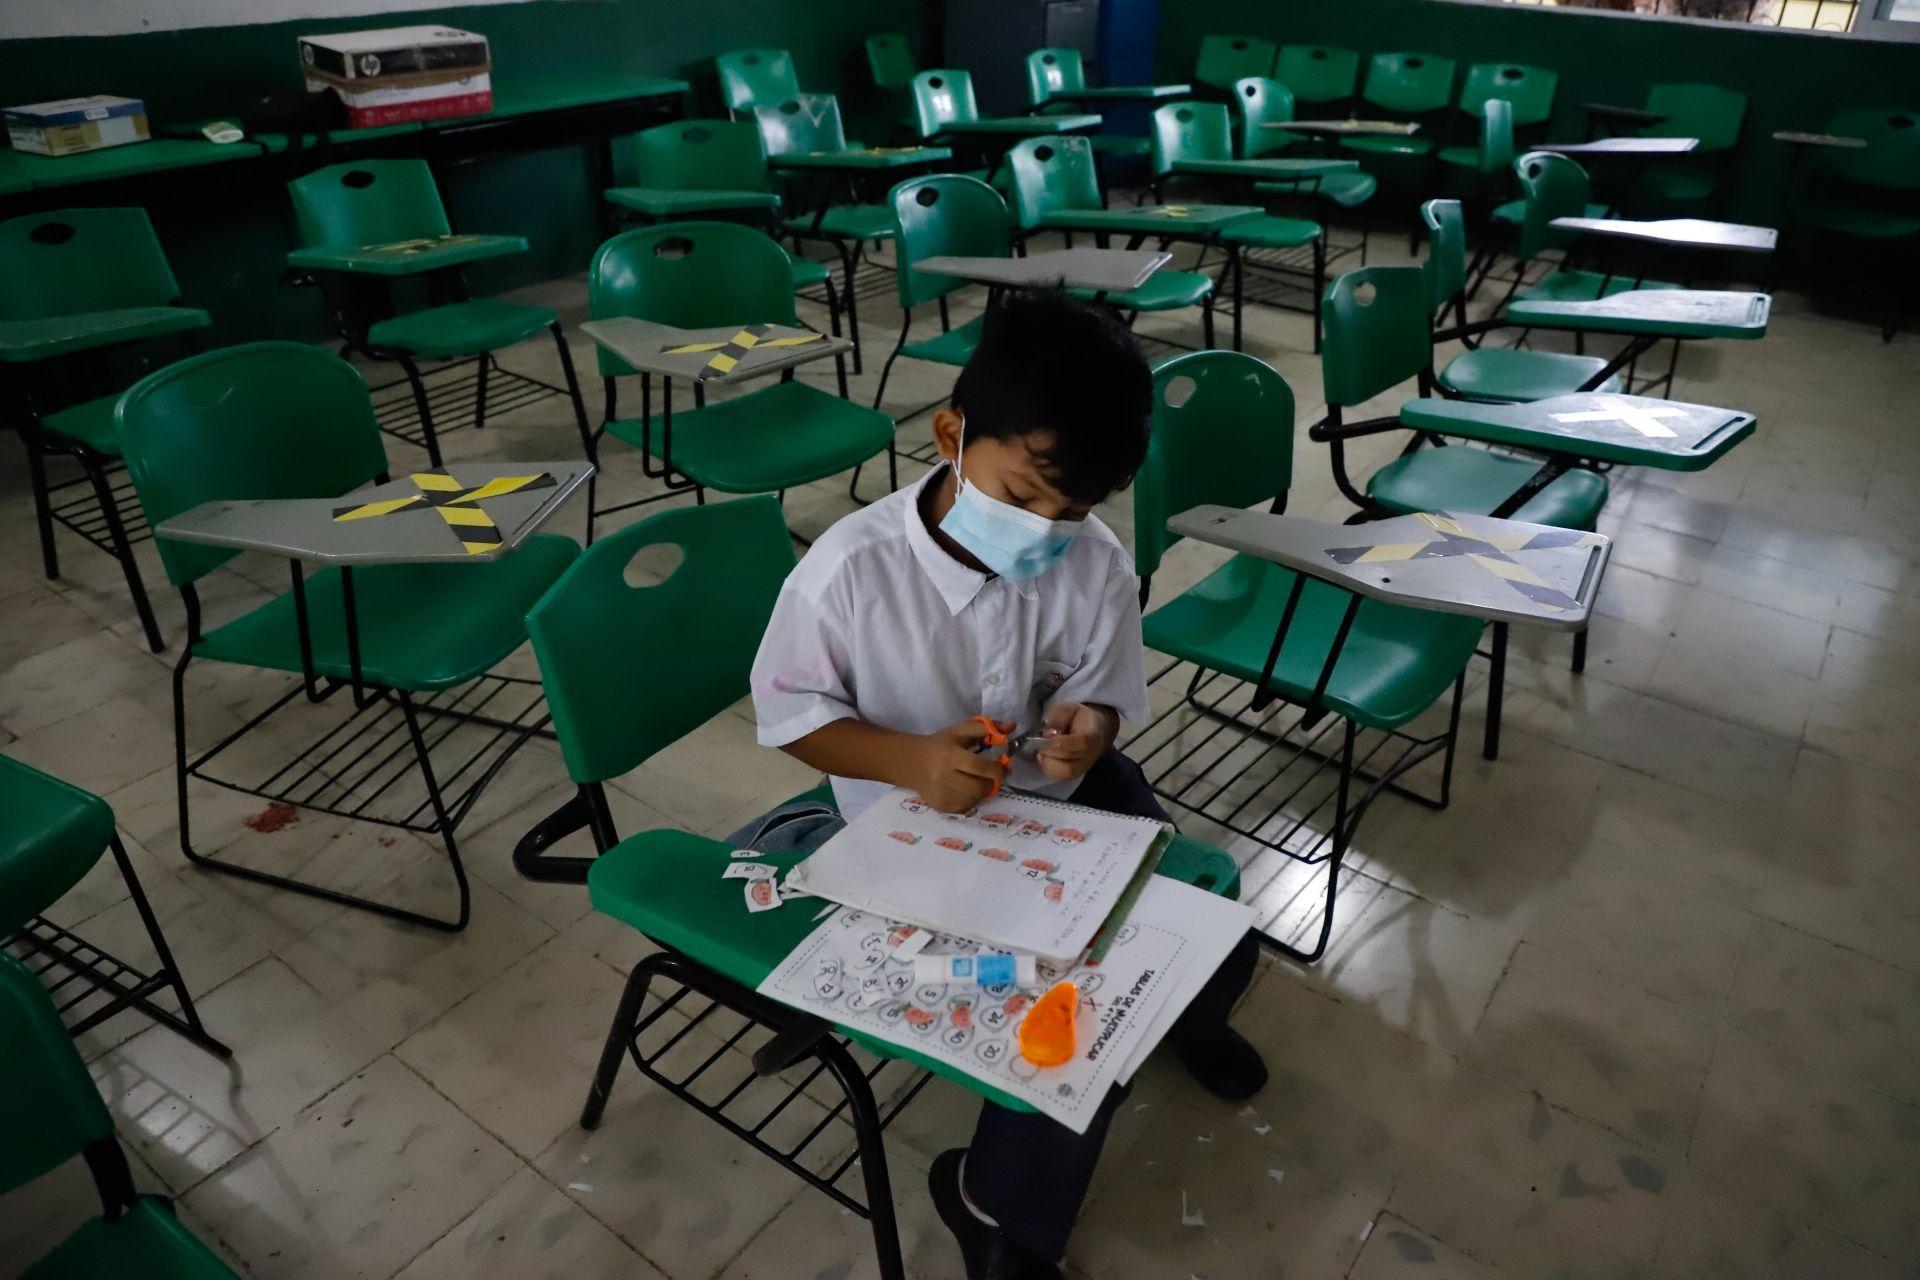 117 millones de alumnos siguen sin ir a clase por la pandemia del COVID-19: UNESCO